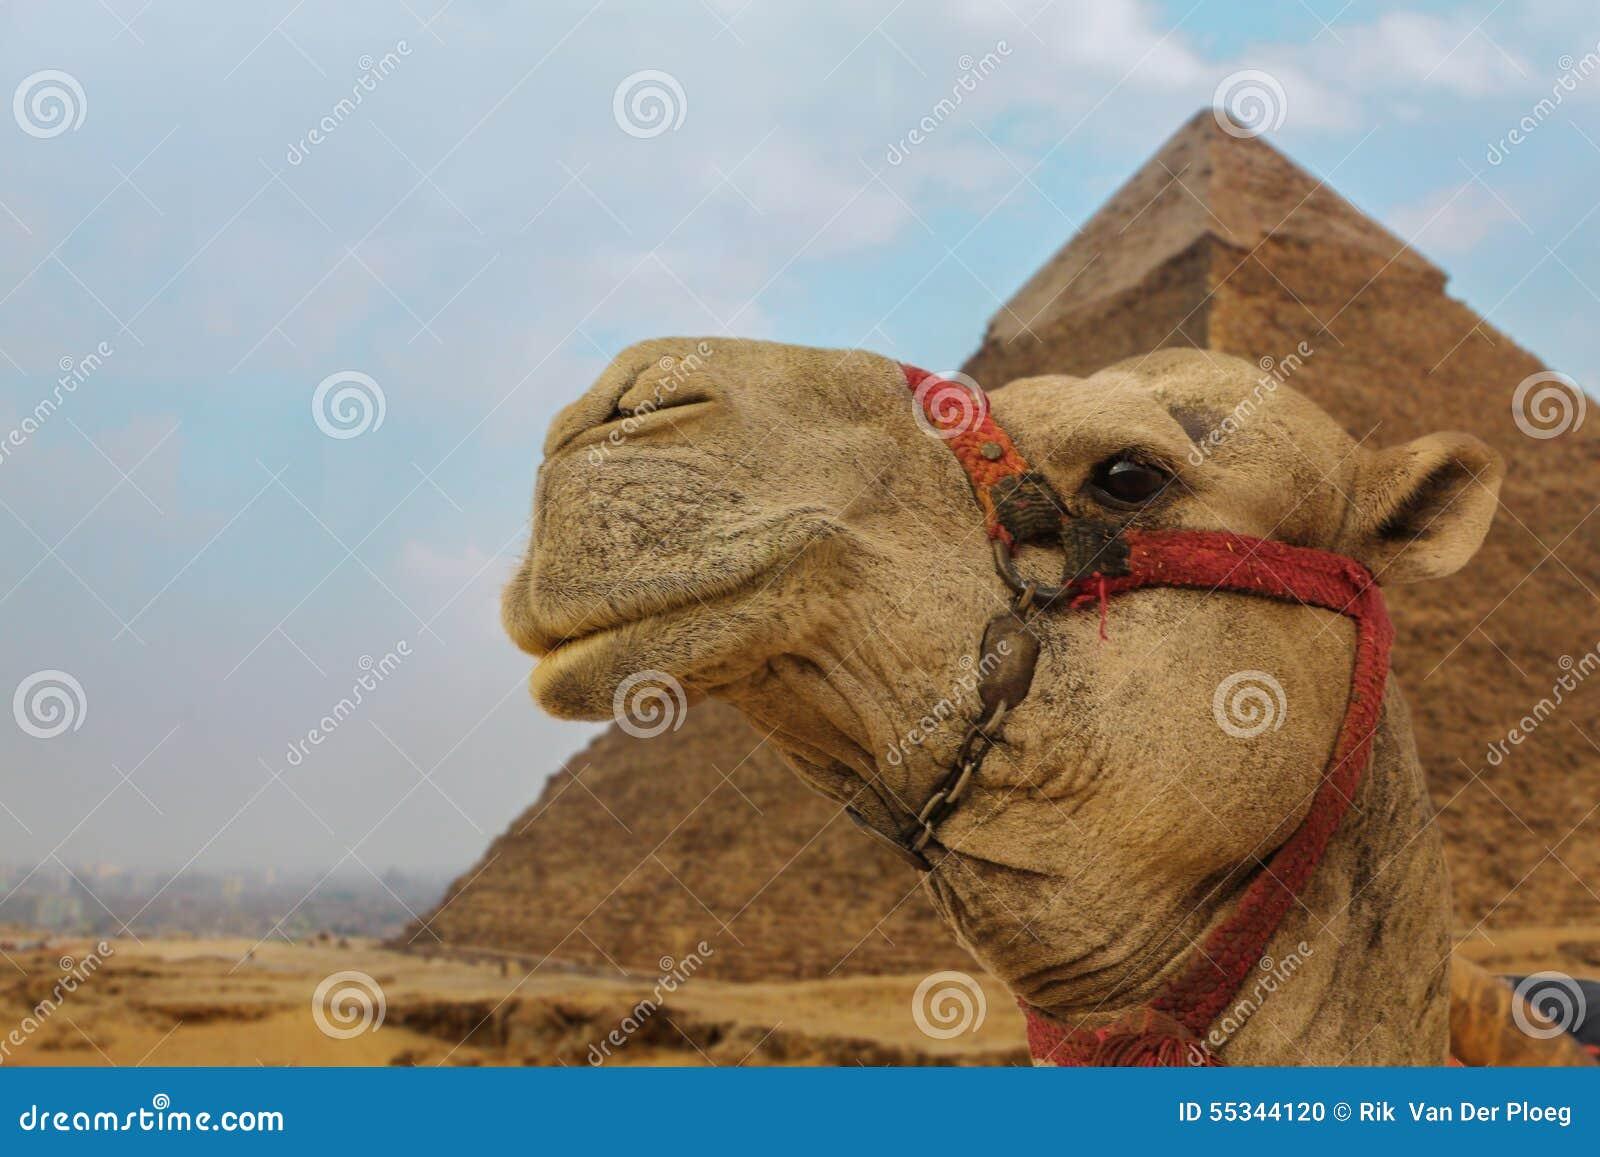 Kameel dichtbij de piramides die met een glimlach staren